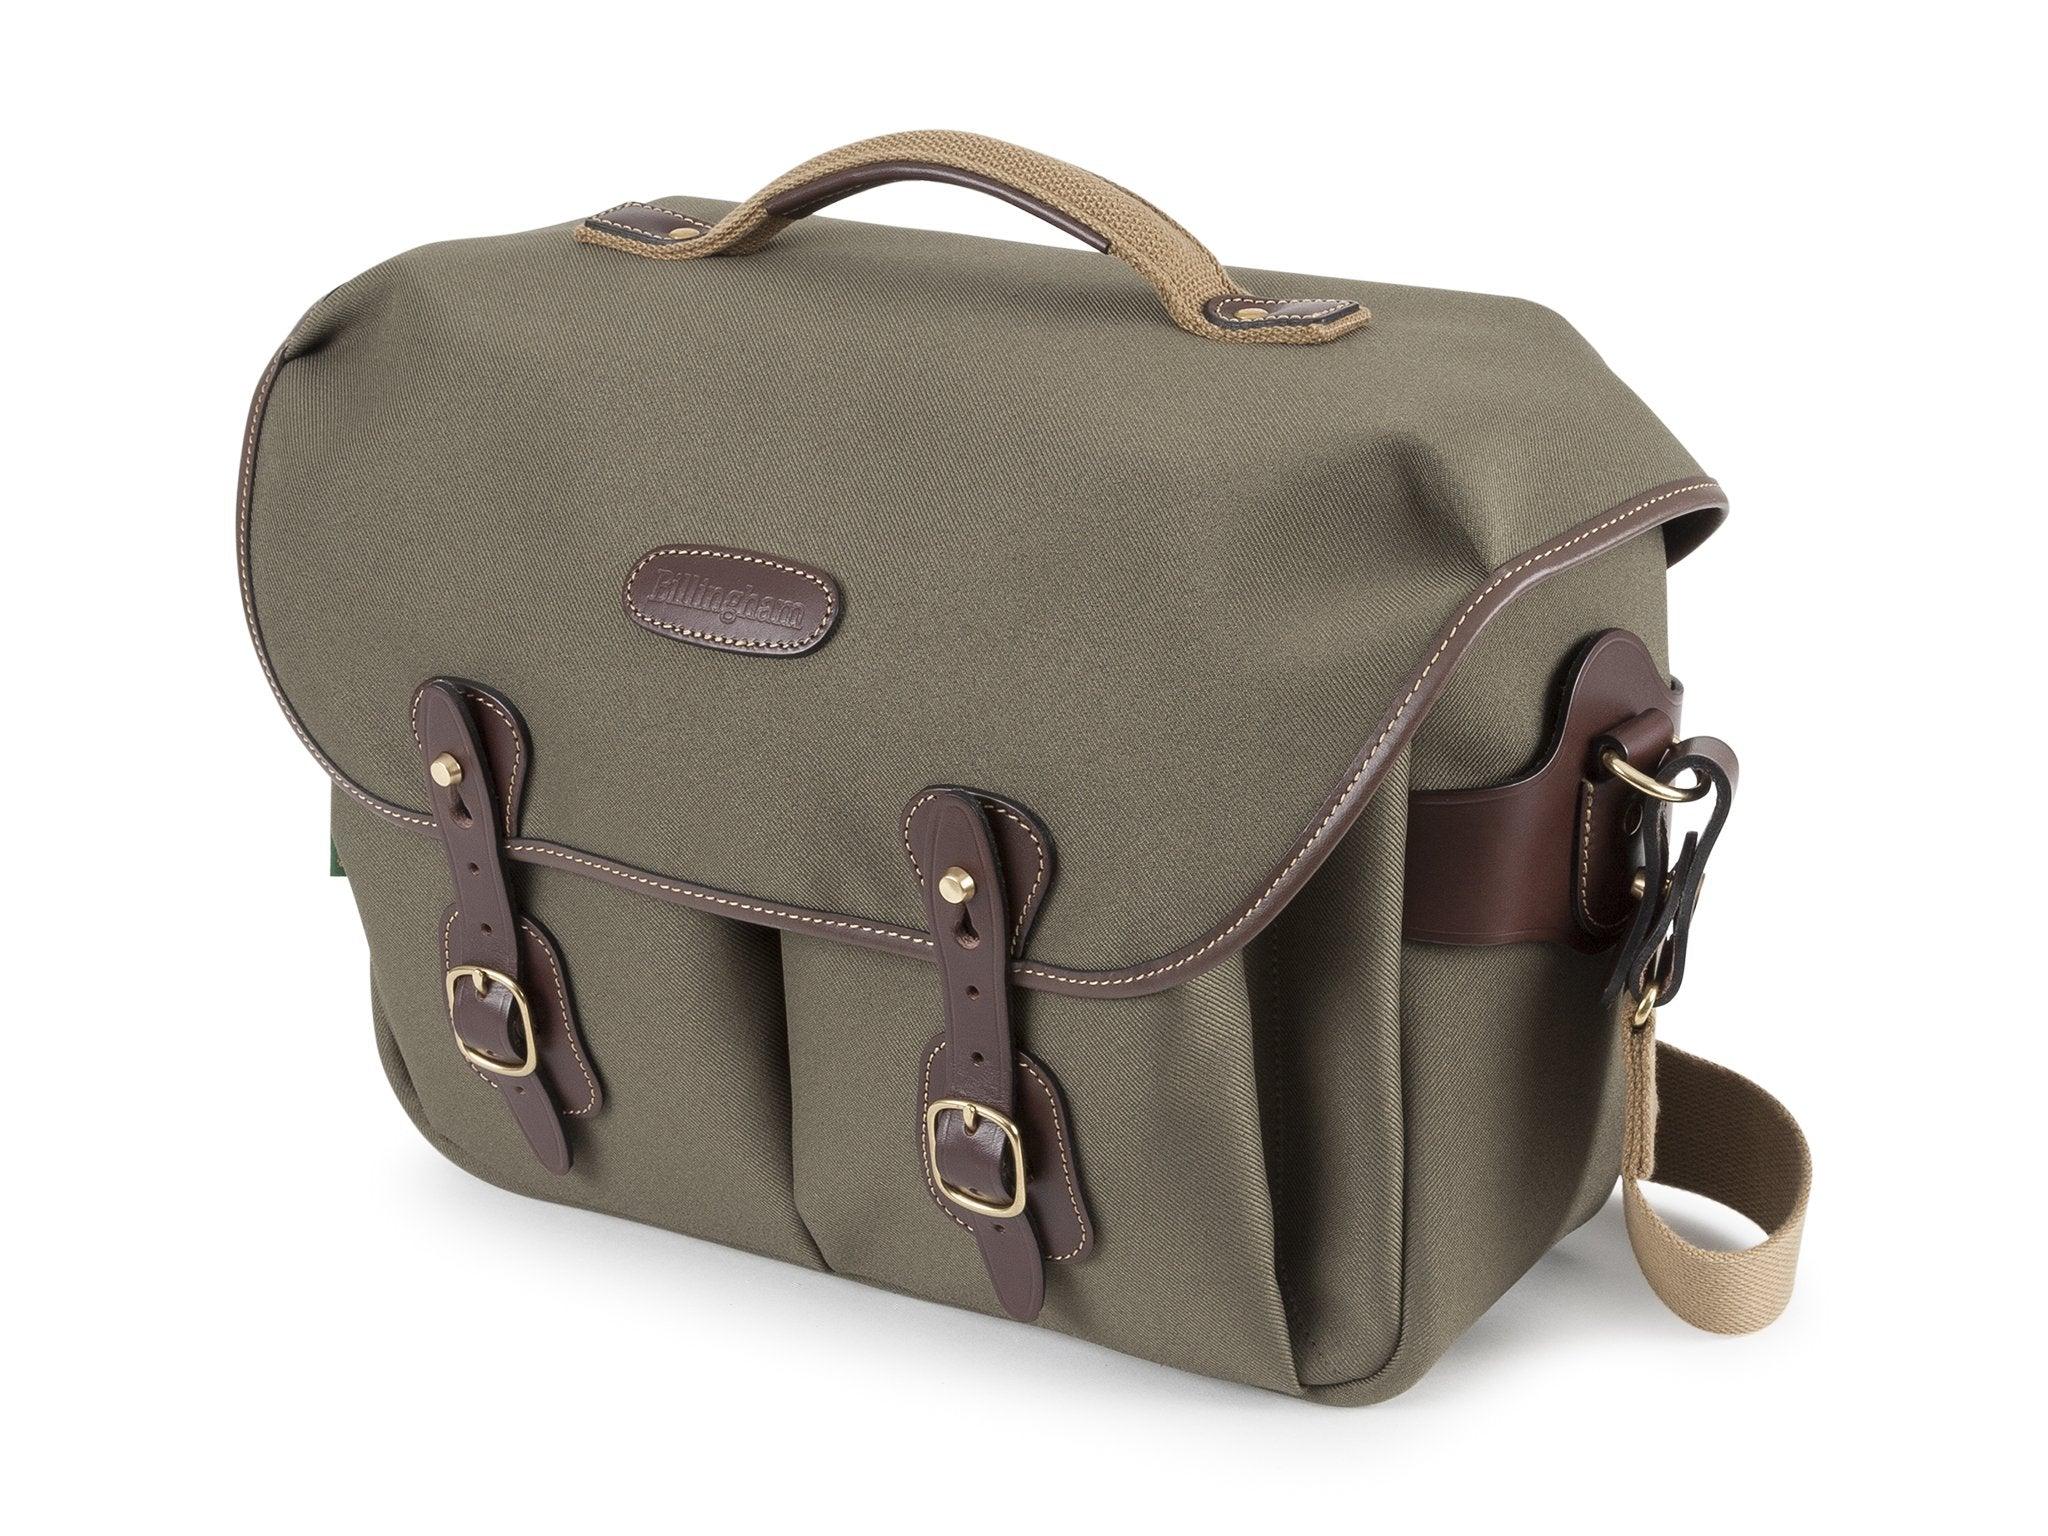 Admirable Suitcase Camera Bag Insert Singapore Hadley One Camera Bag Billingham Bags Camera Bag Insert dpreview Camera Bag Insert